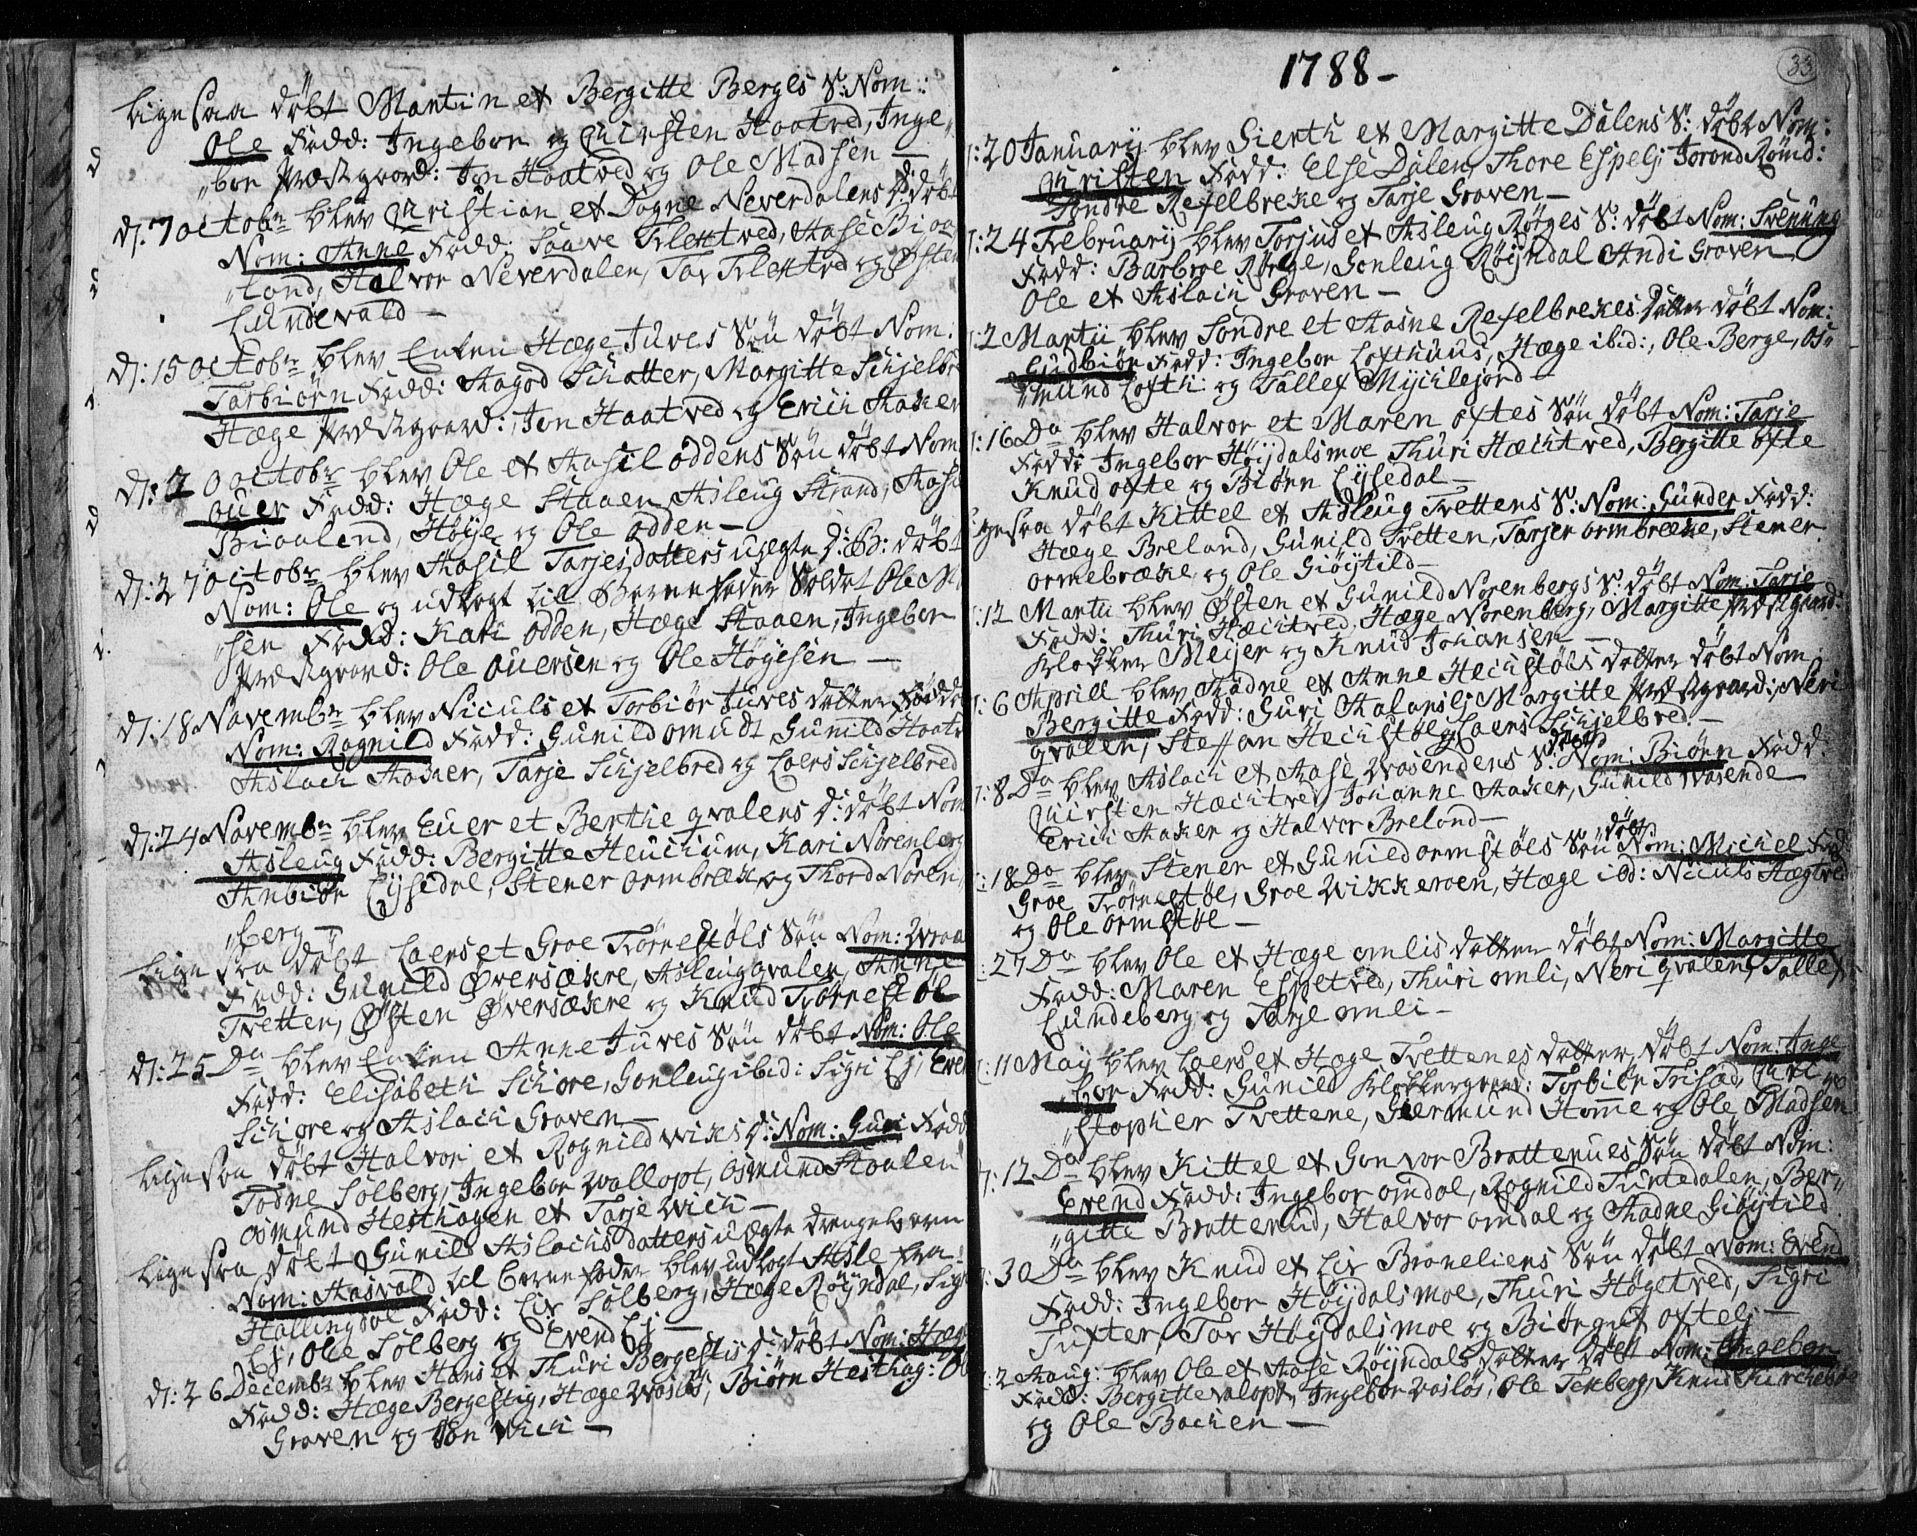 SAKO, Lårdal kirkebøker, F/Fa/L0003: Ministerialbok nr. I 3, 1754-1790, s. 33